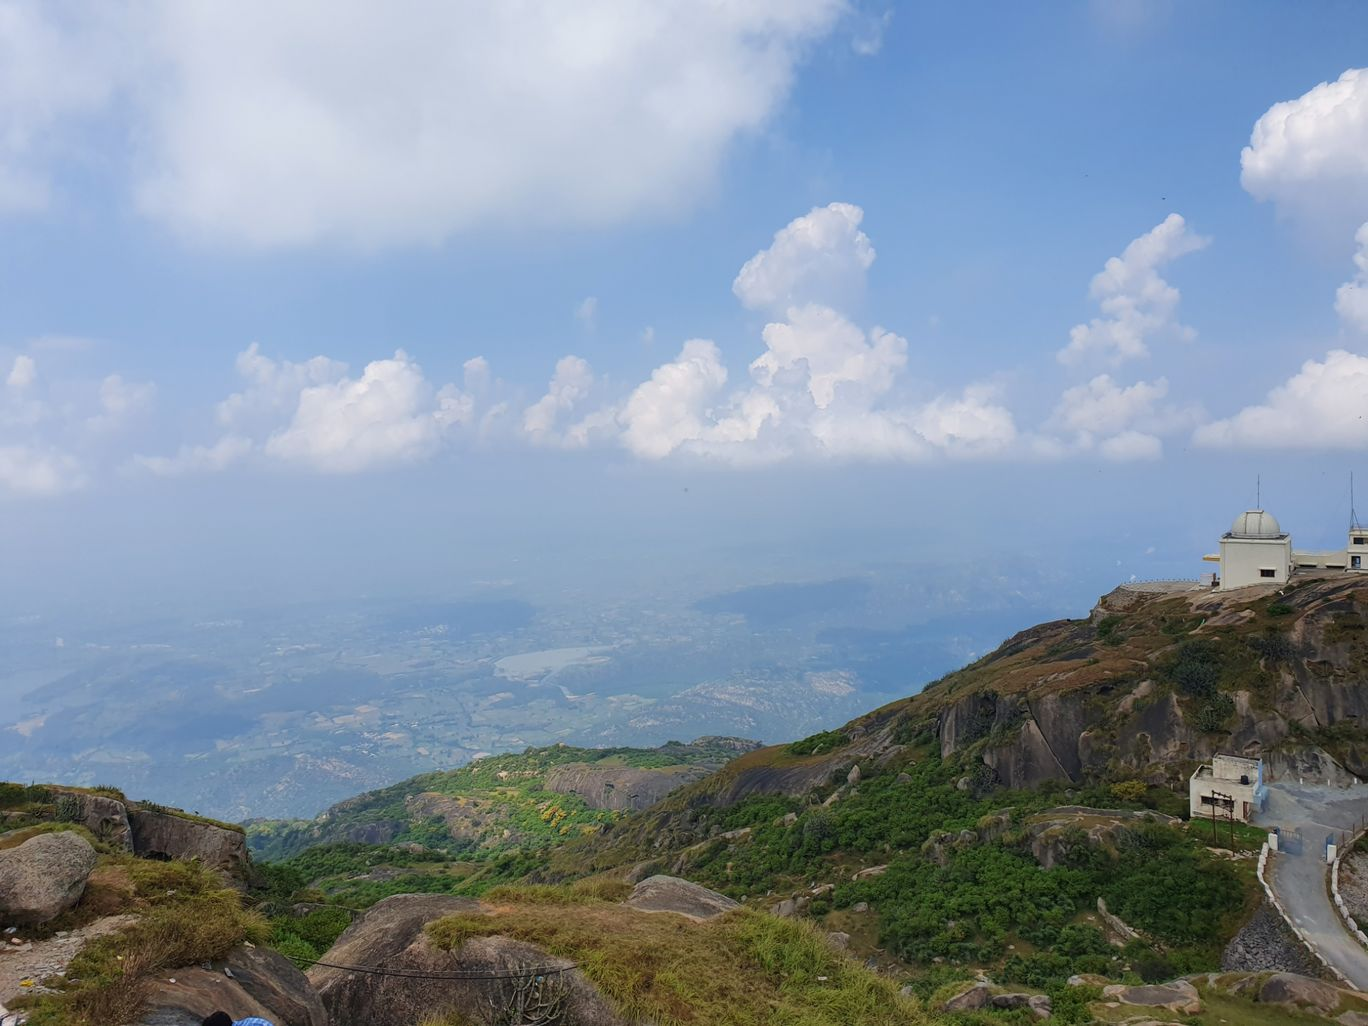 Photo of Mount Abu By Kshitij Srivastava